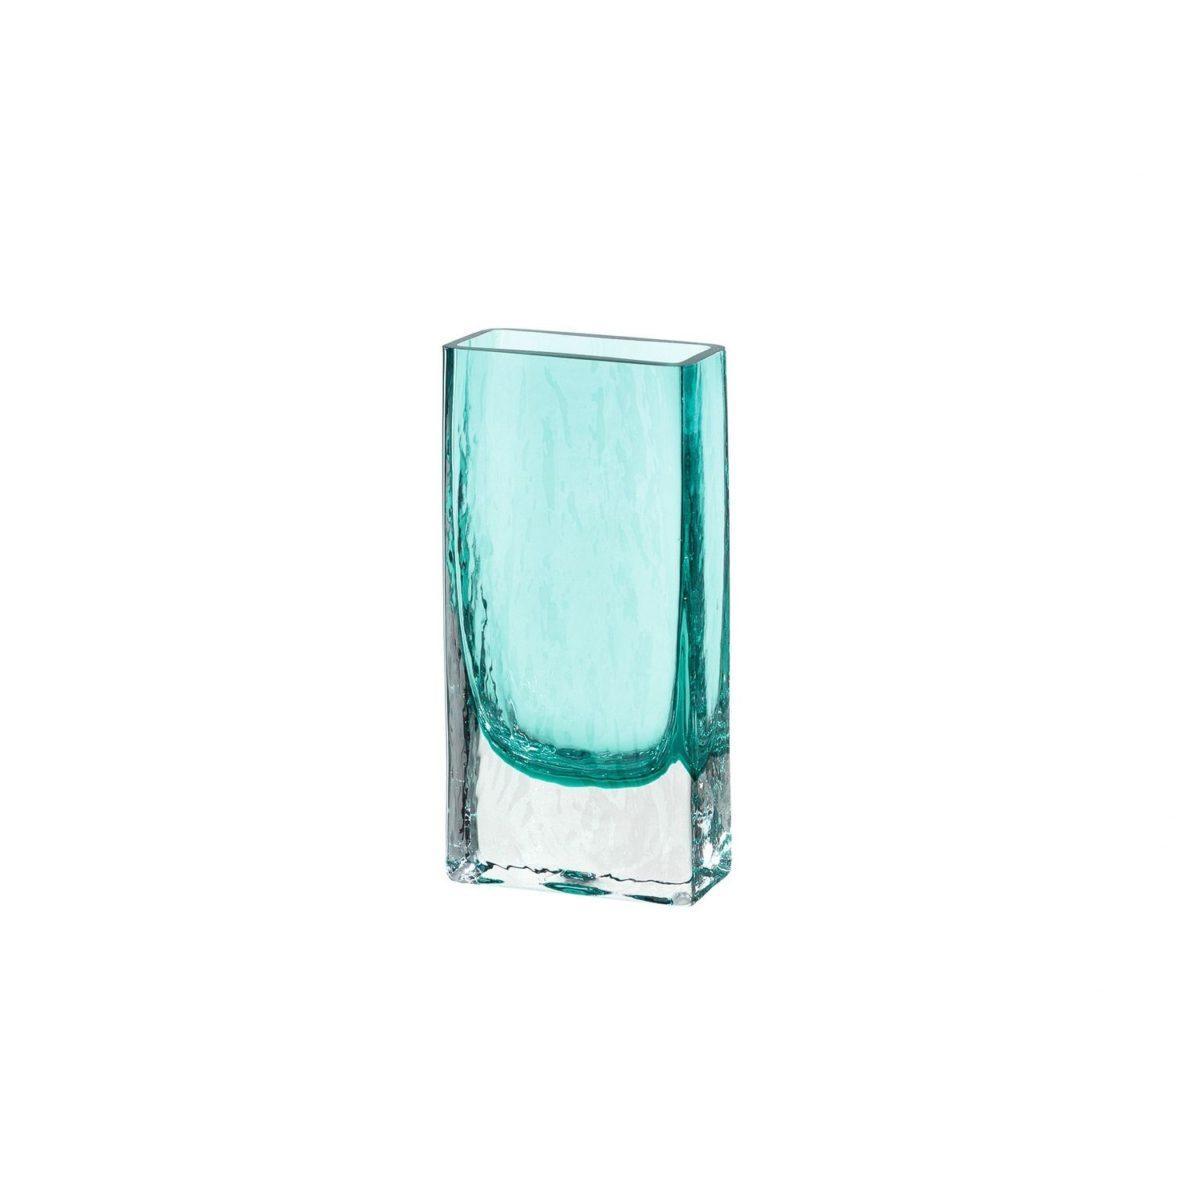 020811 0 k 1 1200x1200 - Vază square Lucente turquoise 21 cm (L020811)